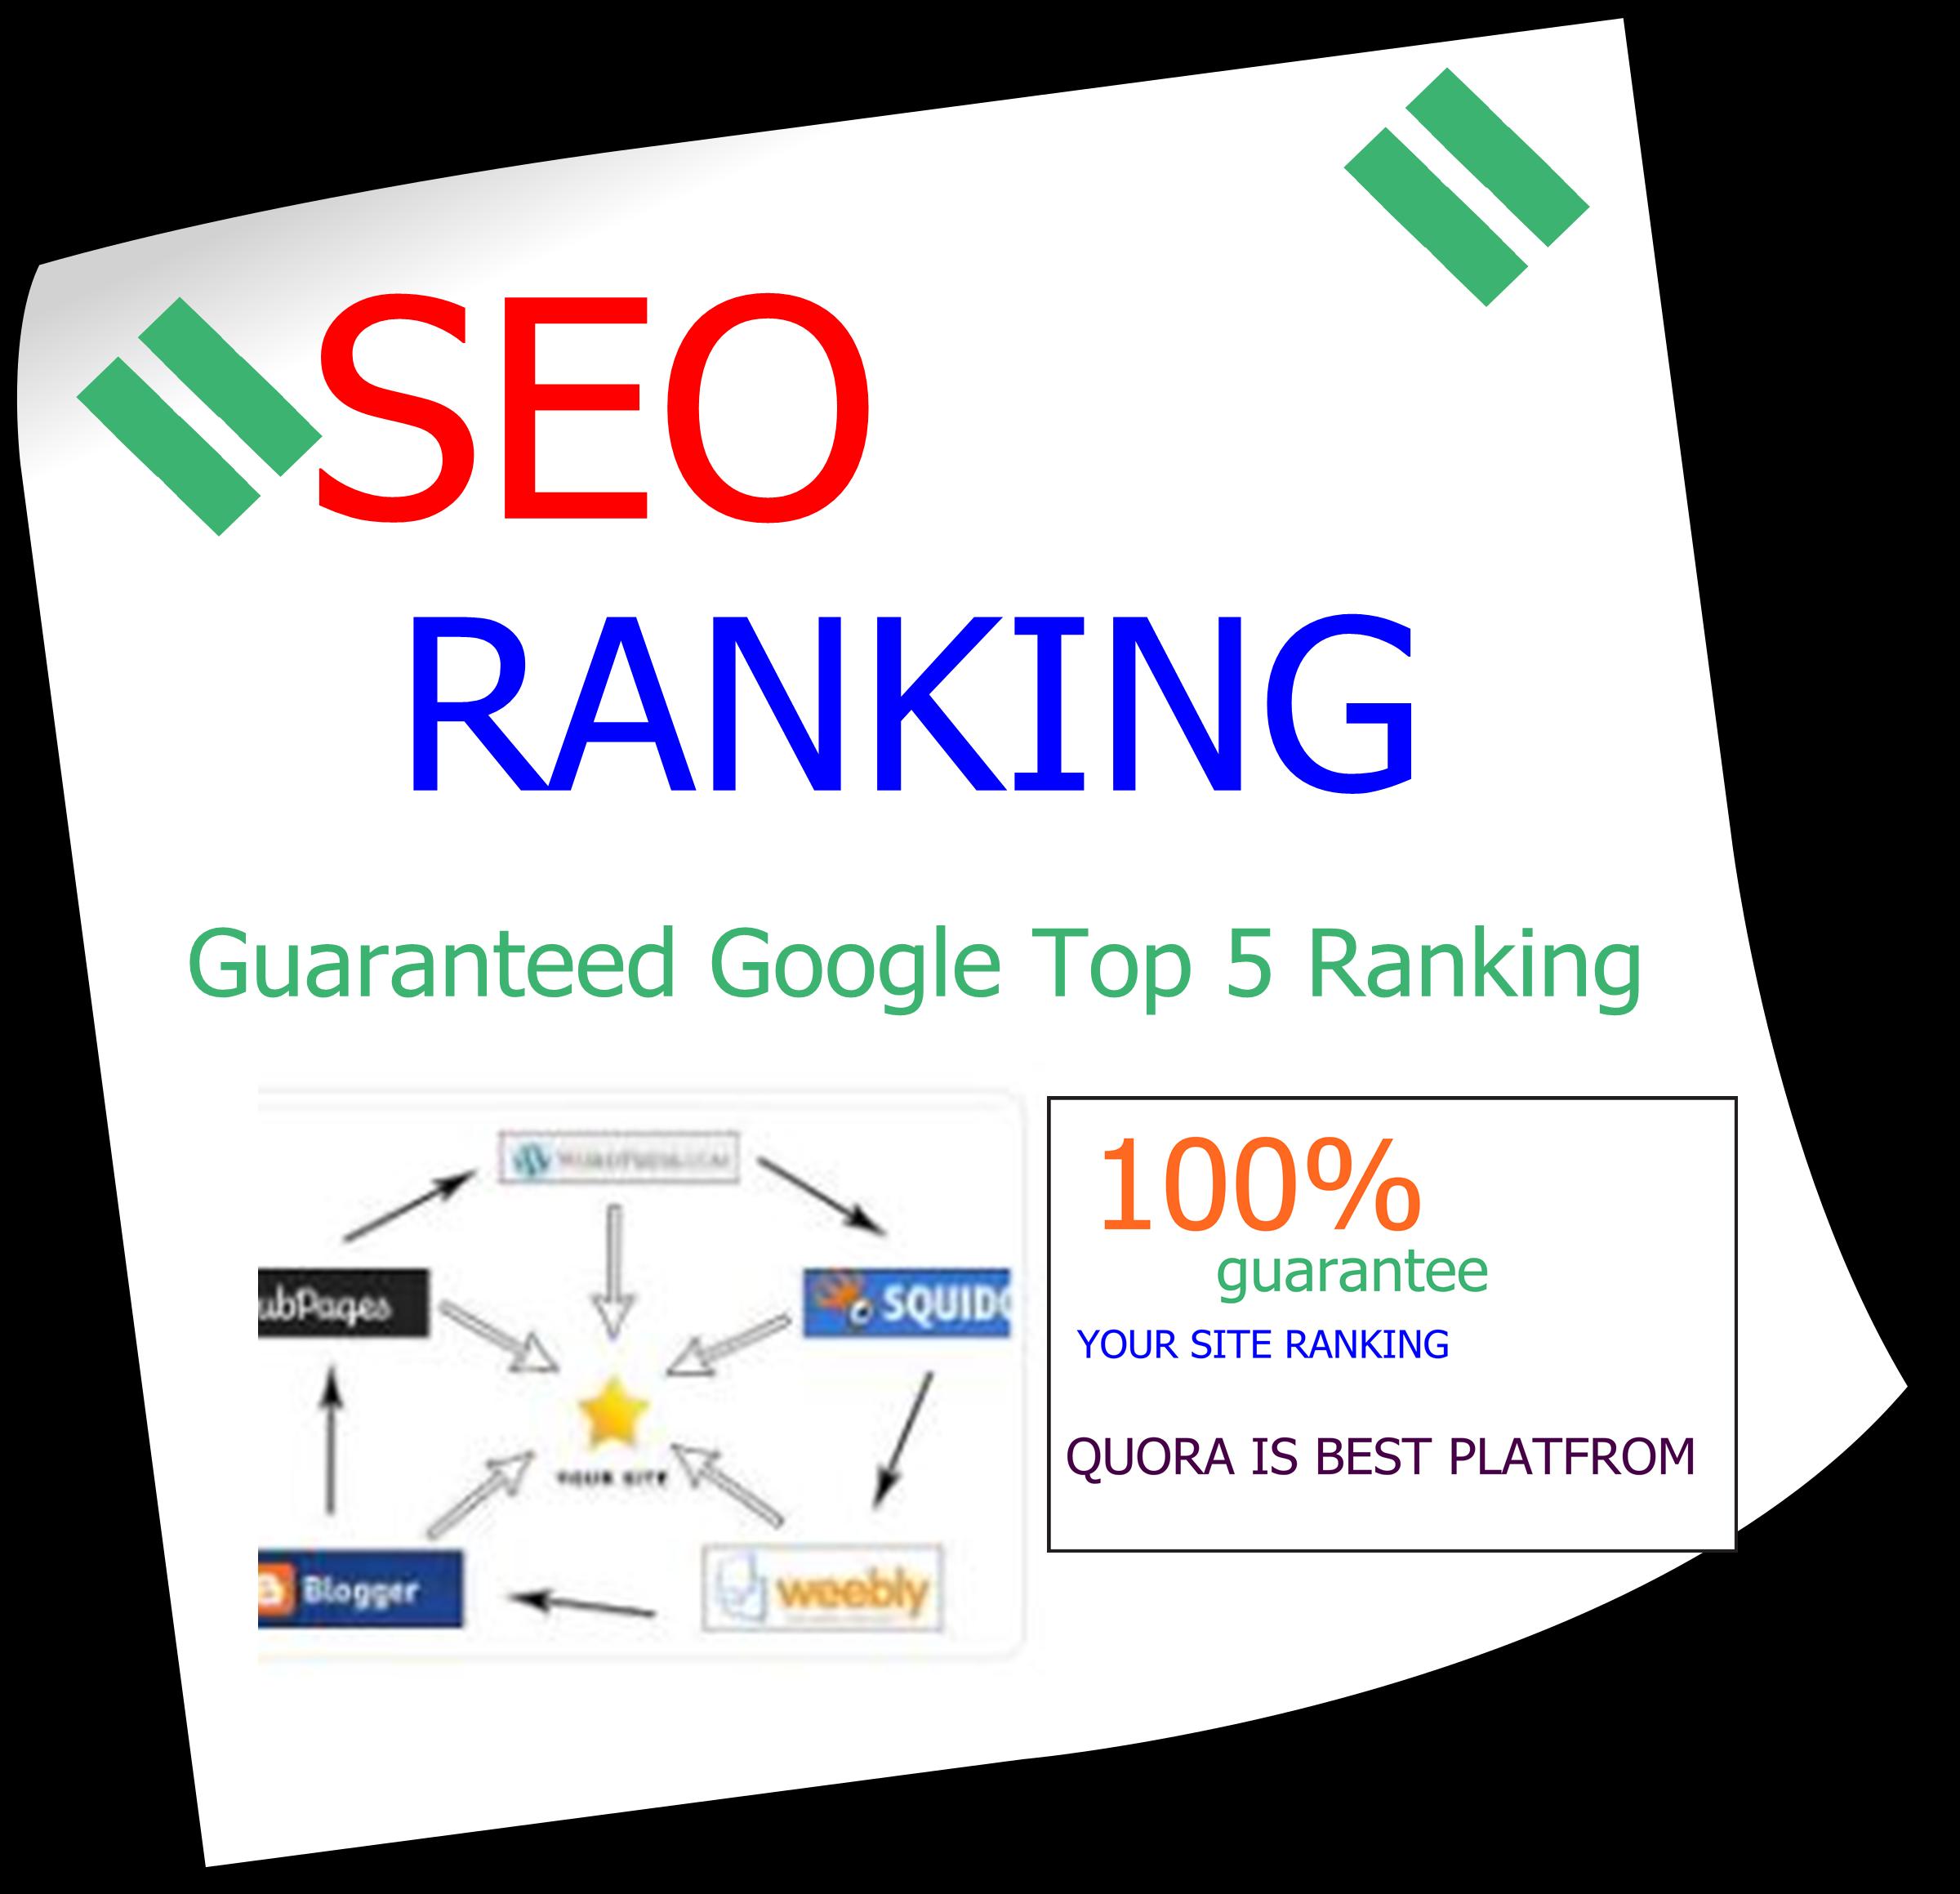 Guaranteed Google Top 5 Ranking